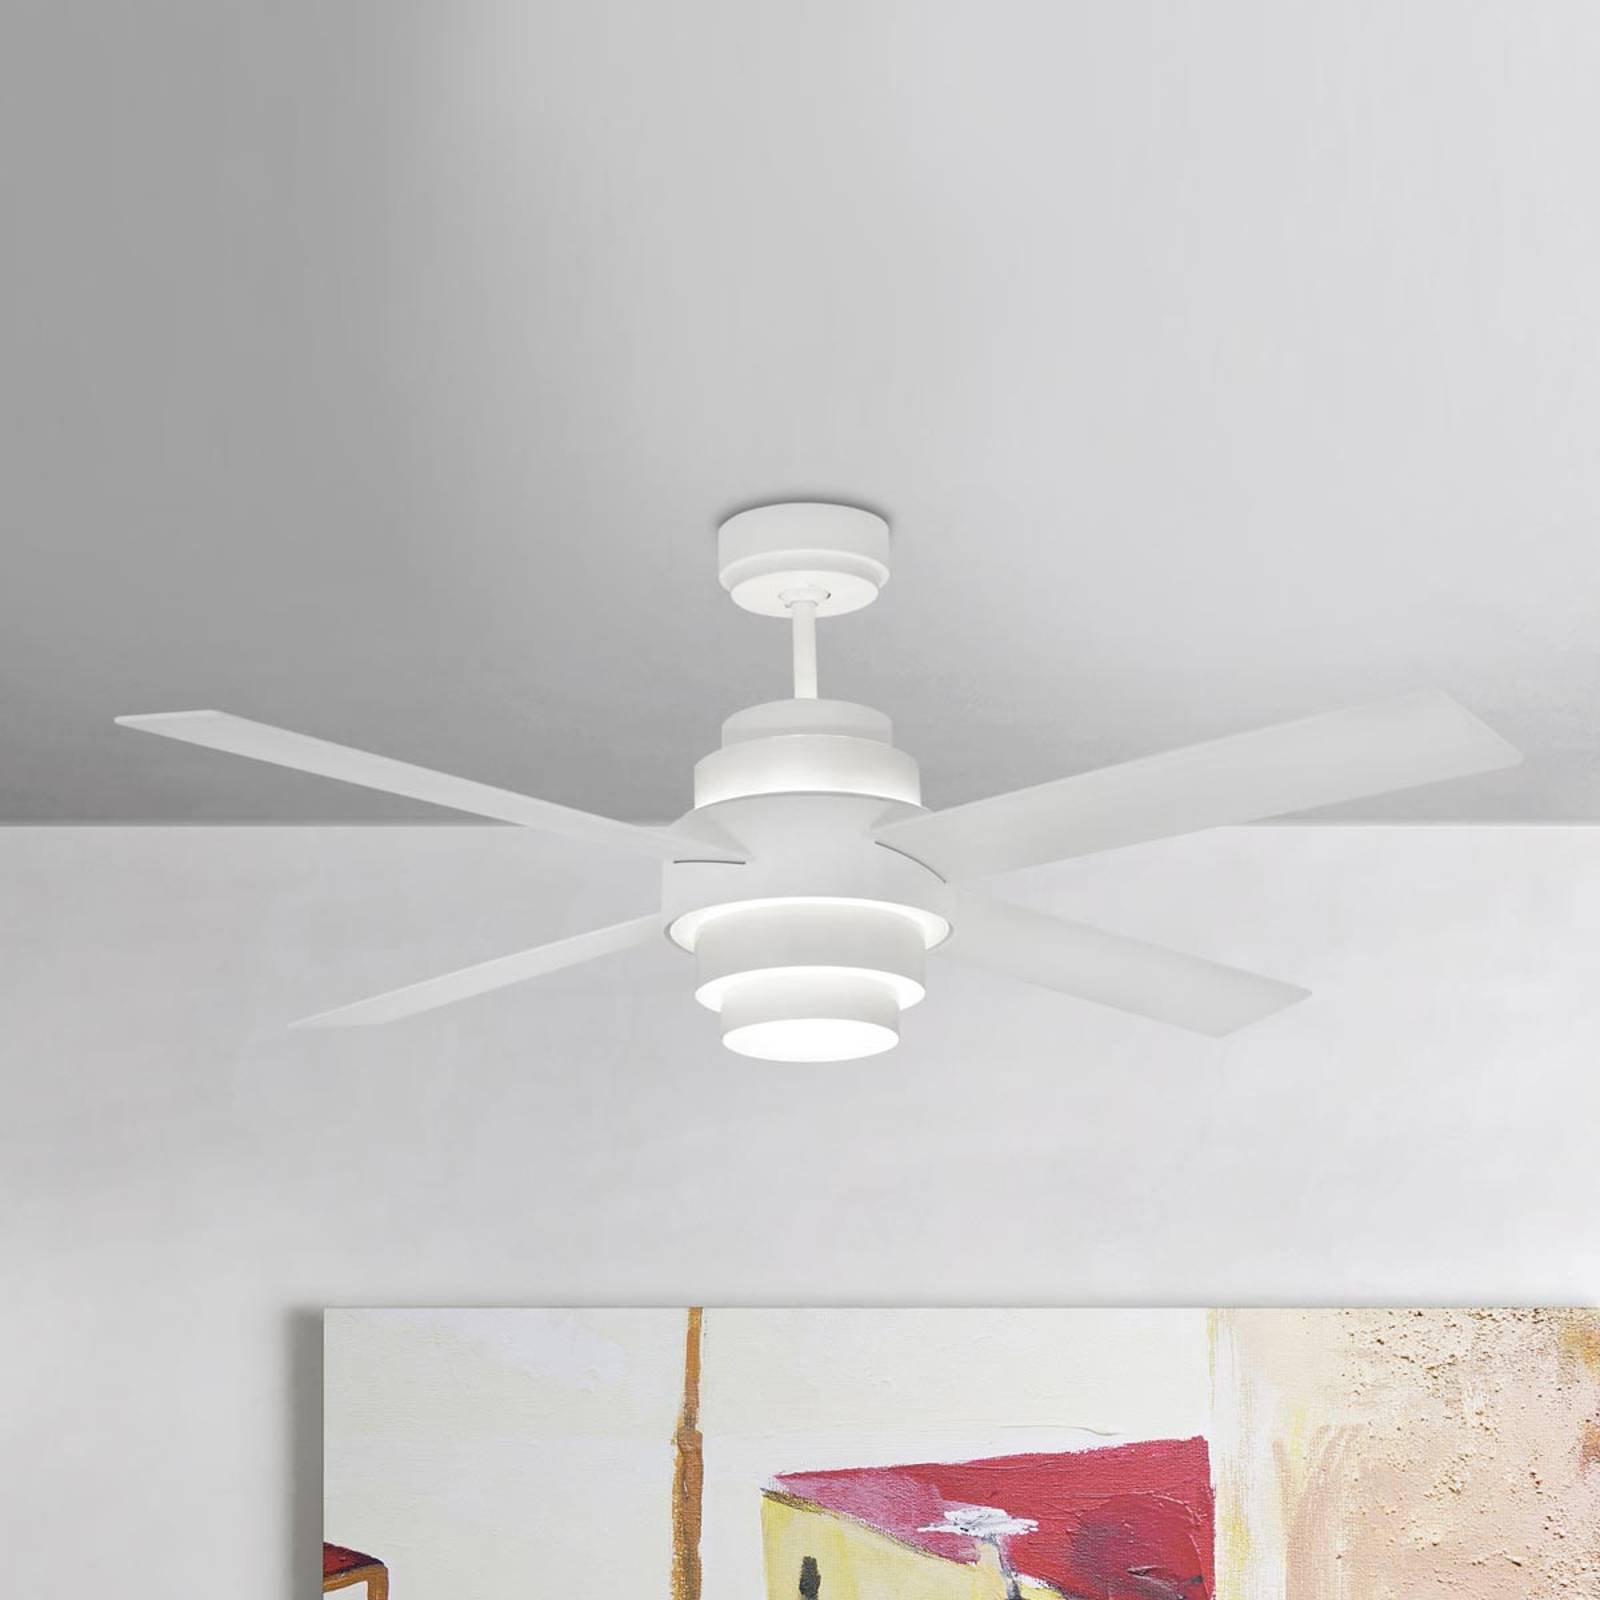 Effektiv takventilator Sisc med LED